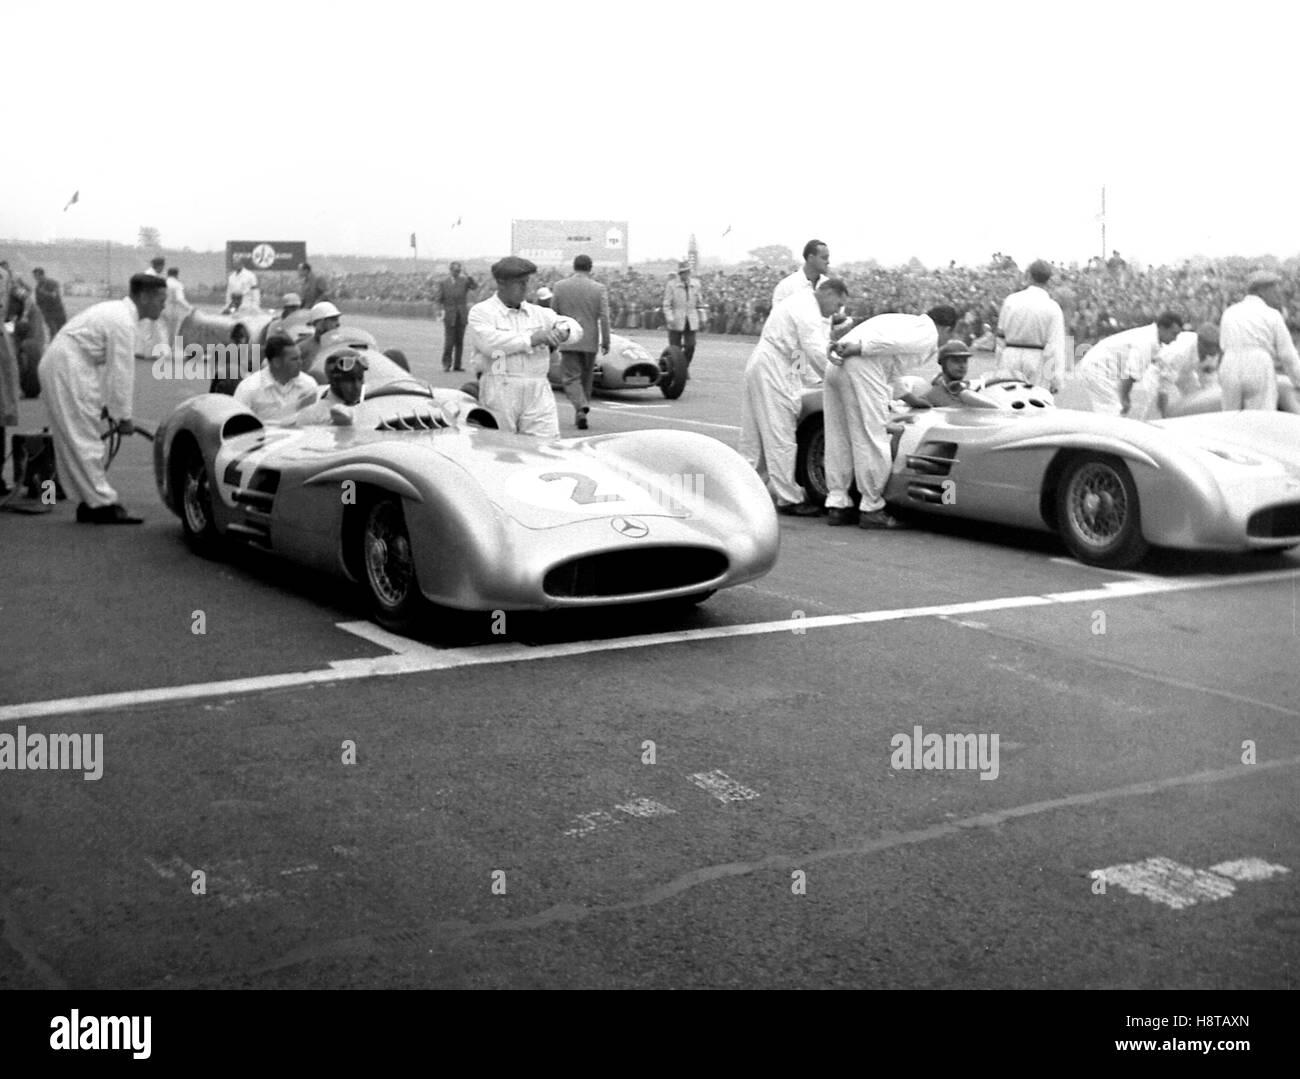 1954 BERLIN GP HERRMANN'S MERCEDES STROMLINIENWAGEN HERRMANN GRID - Stock Image